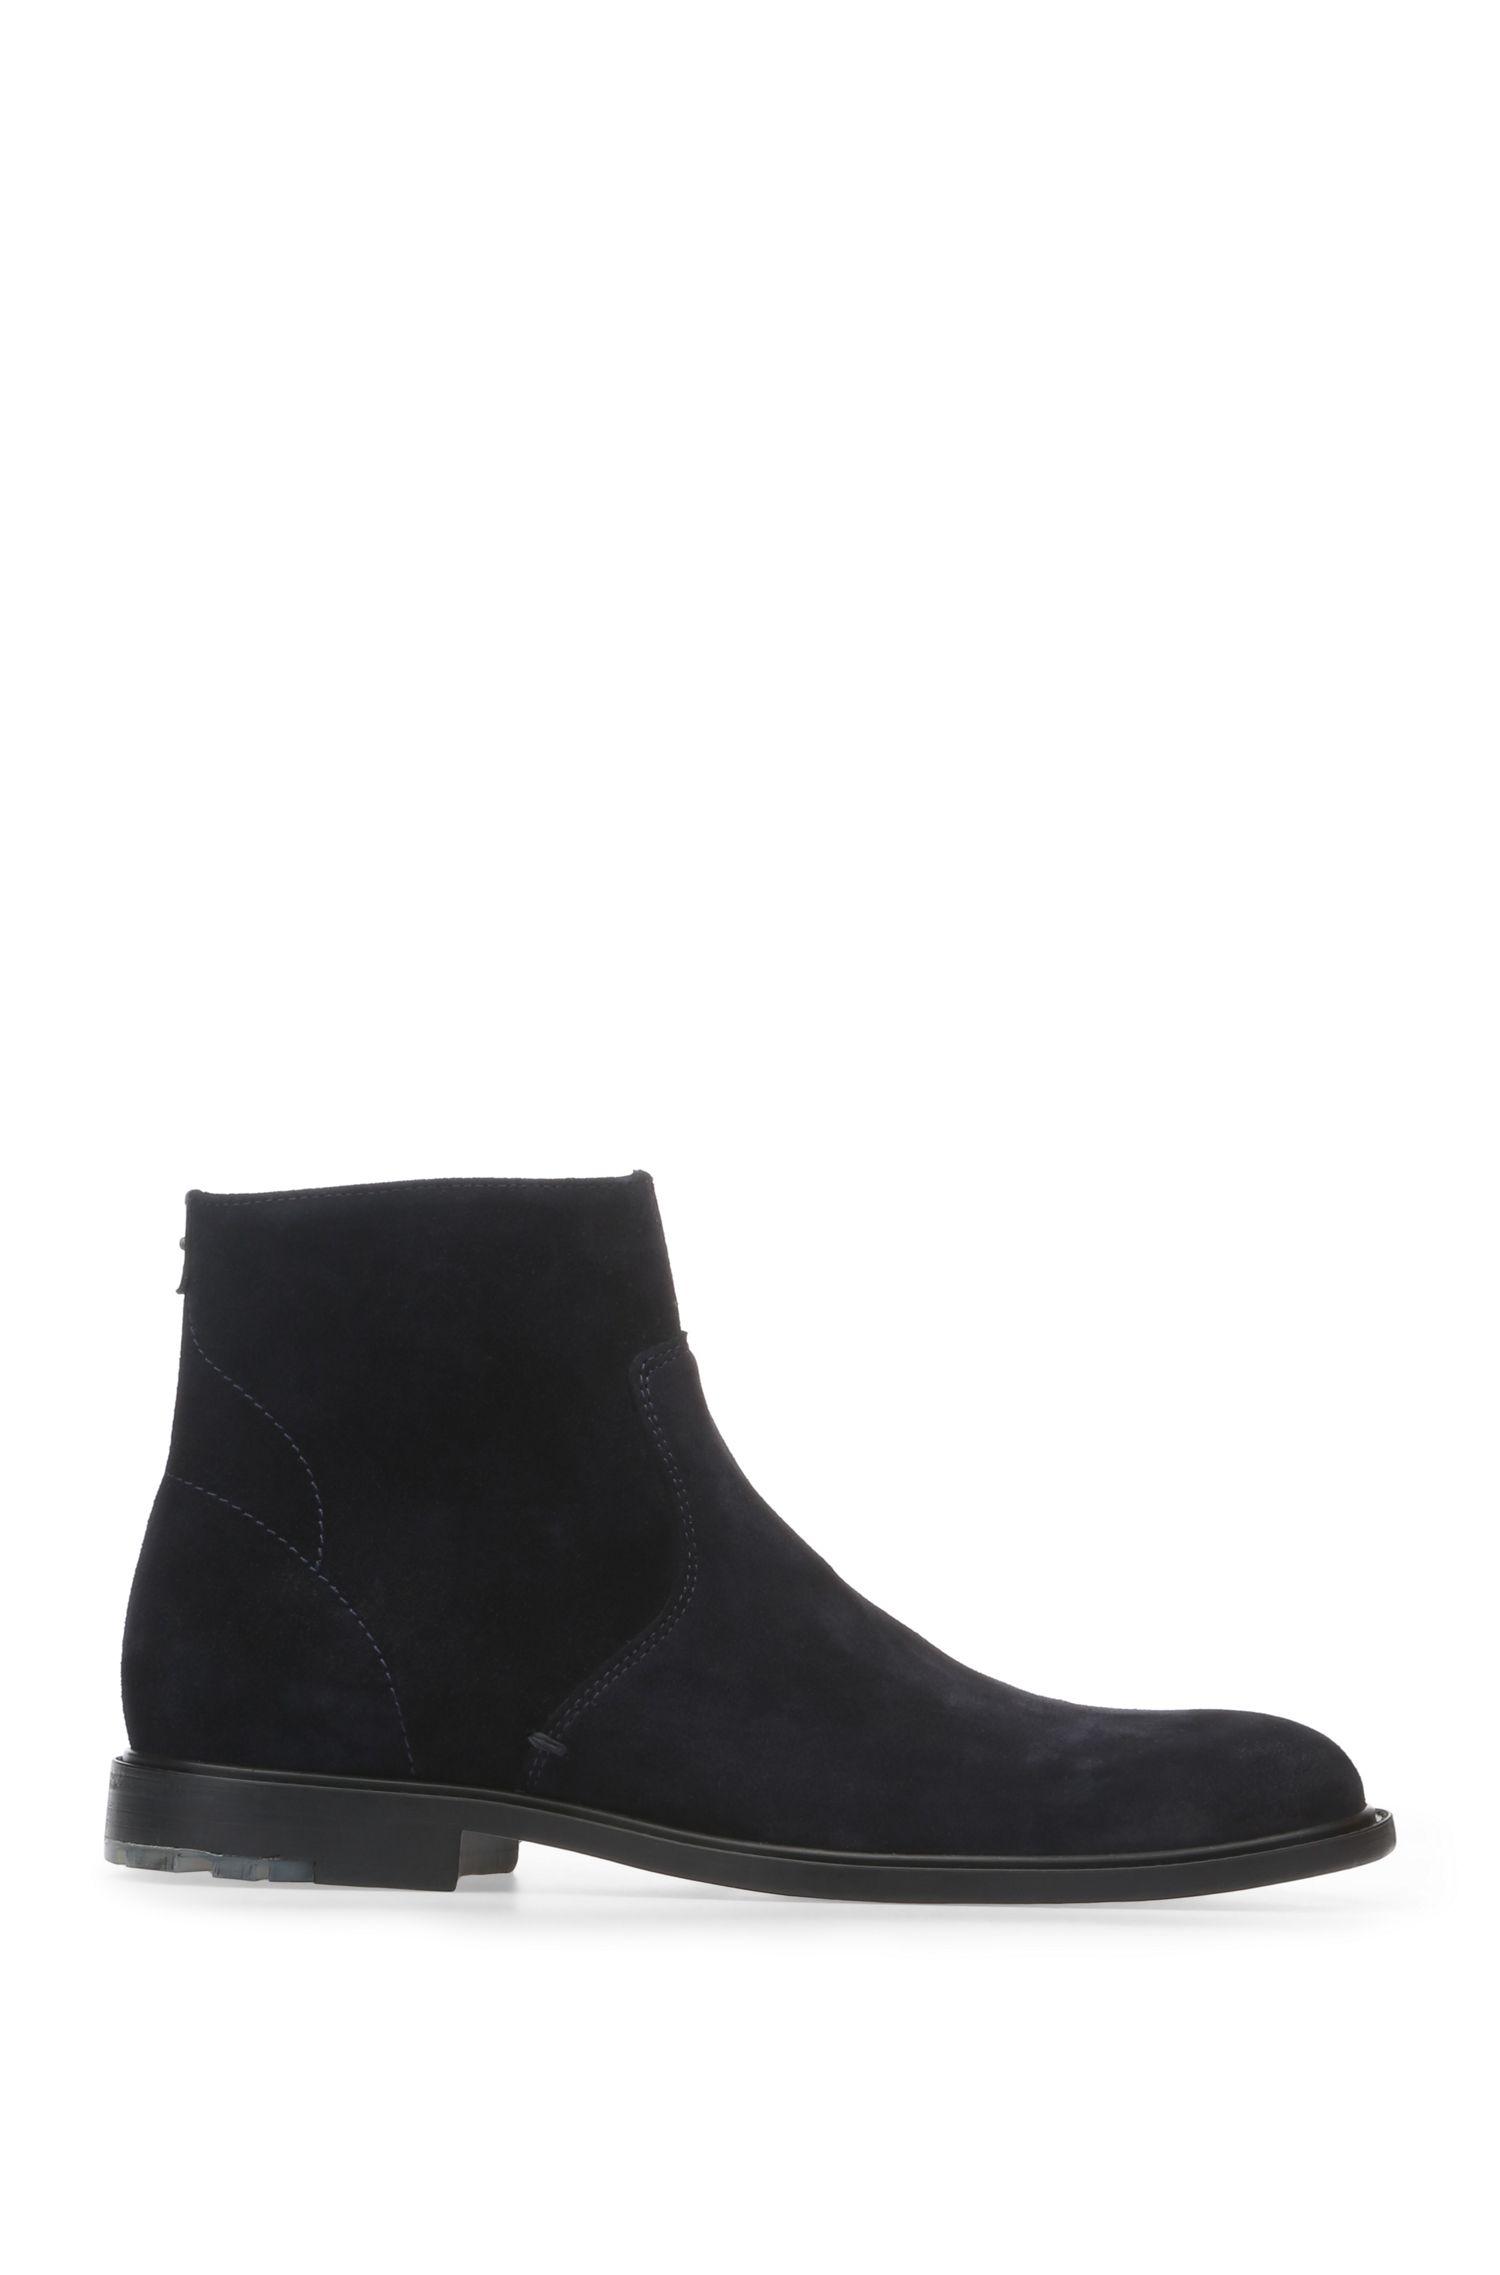 'Cultroot Zipb Sdpl'   Suede Calfskin Zip Ankle Boots